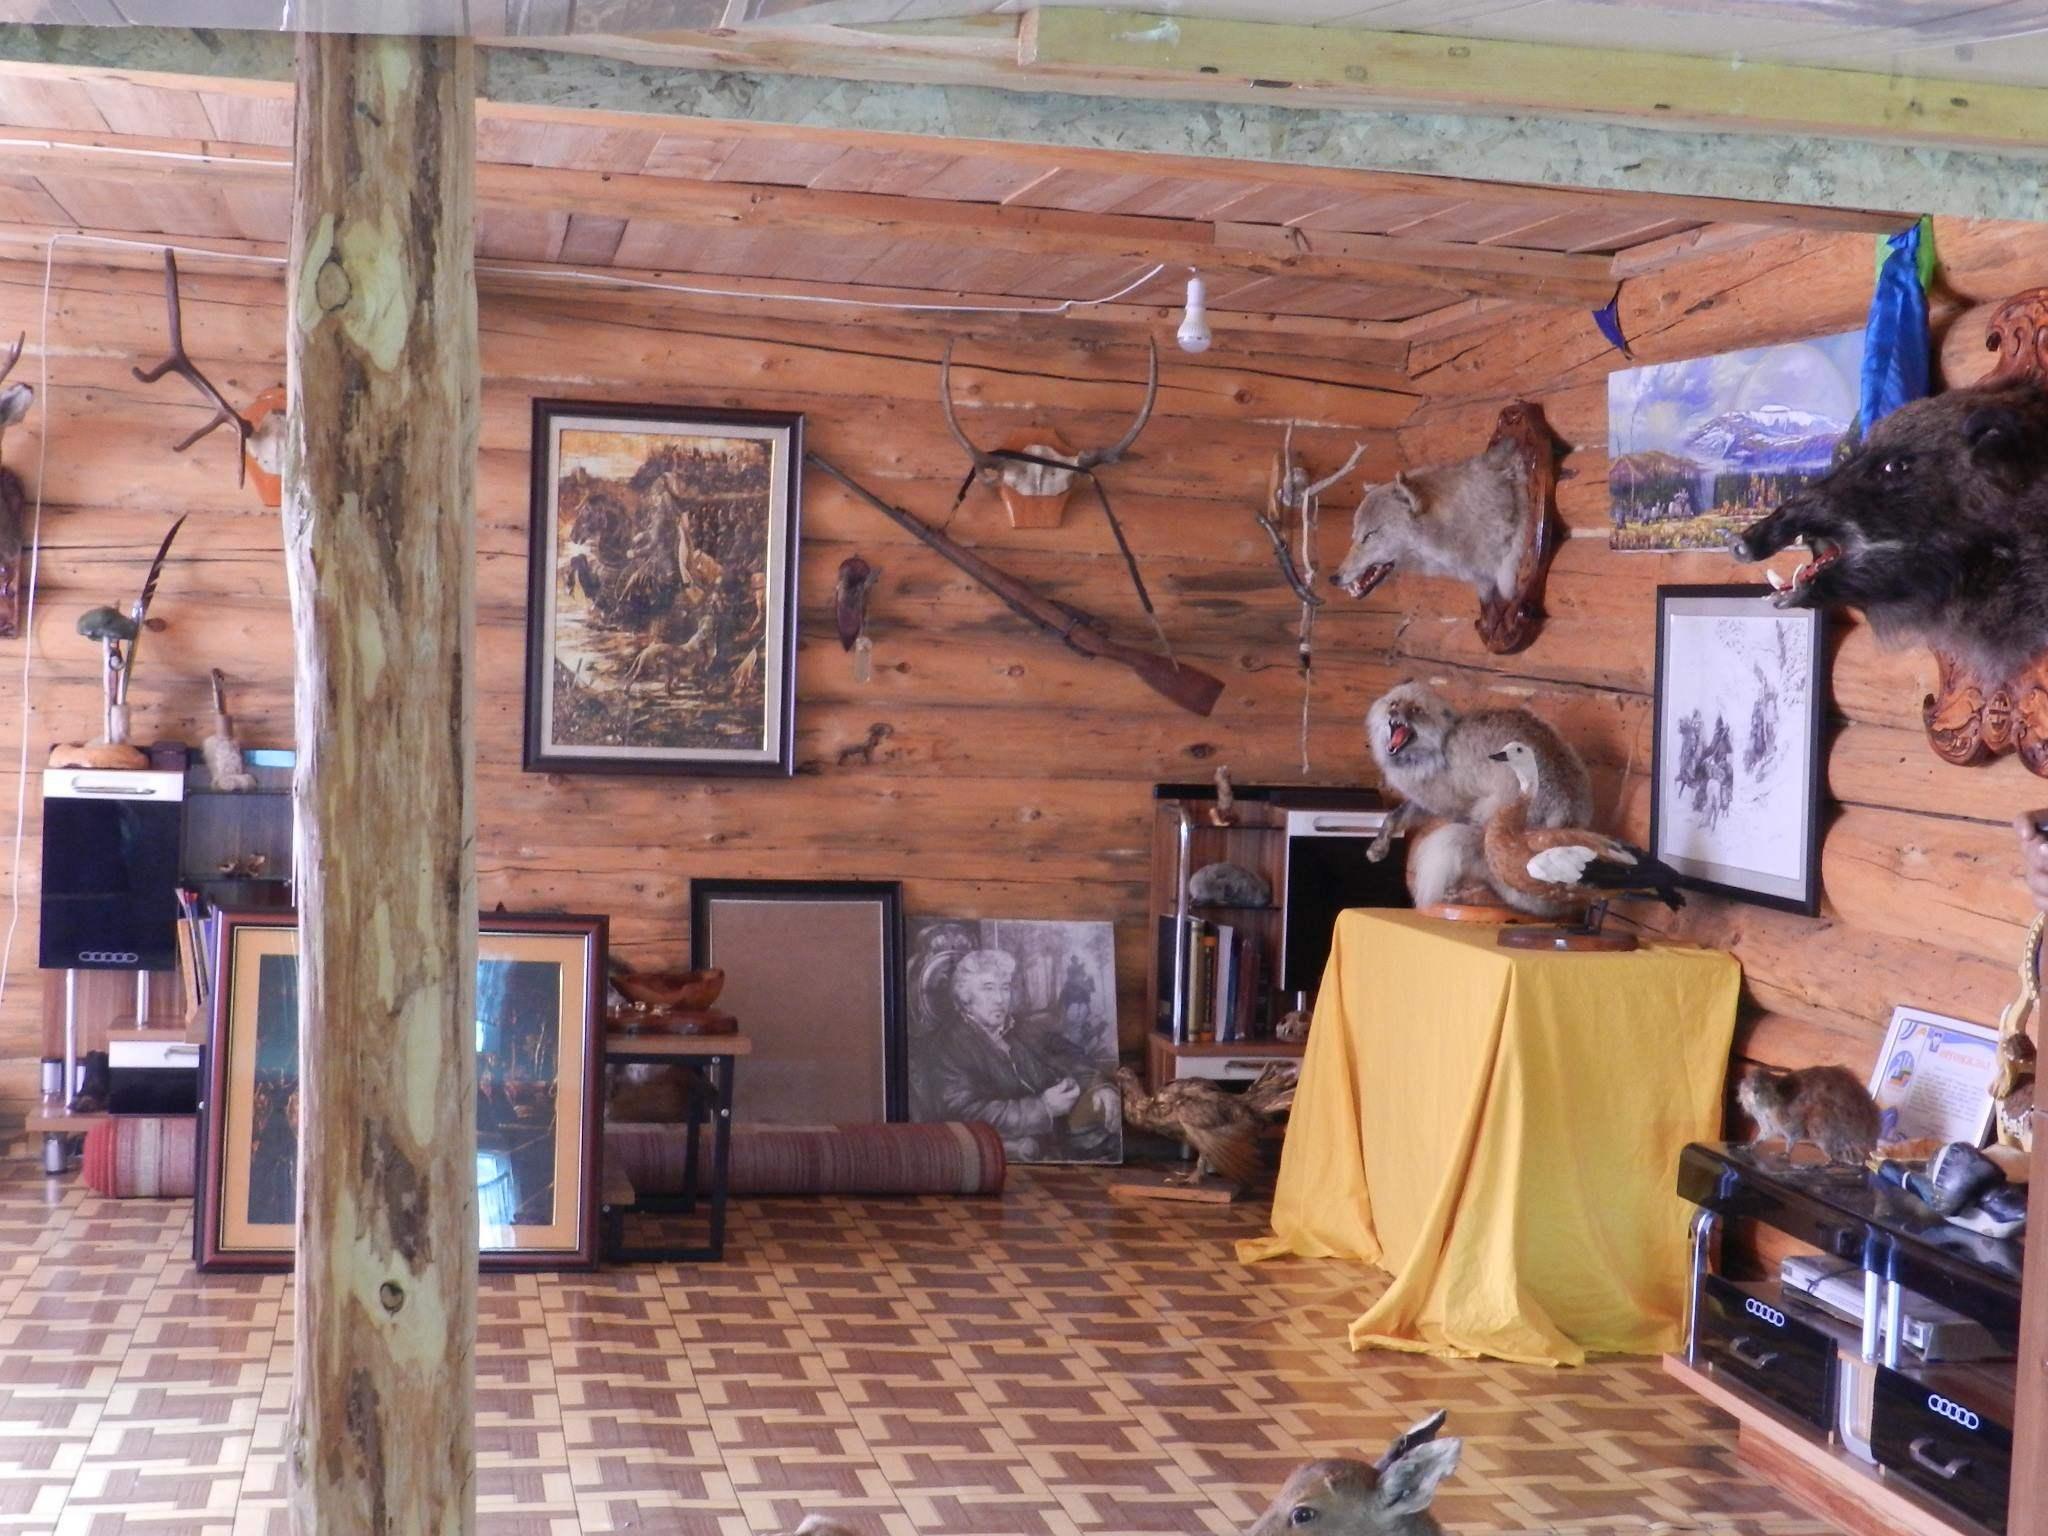 Хэнтий аймгийн Батширээт сум дахь гэр музей